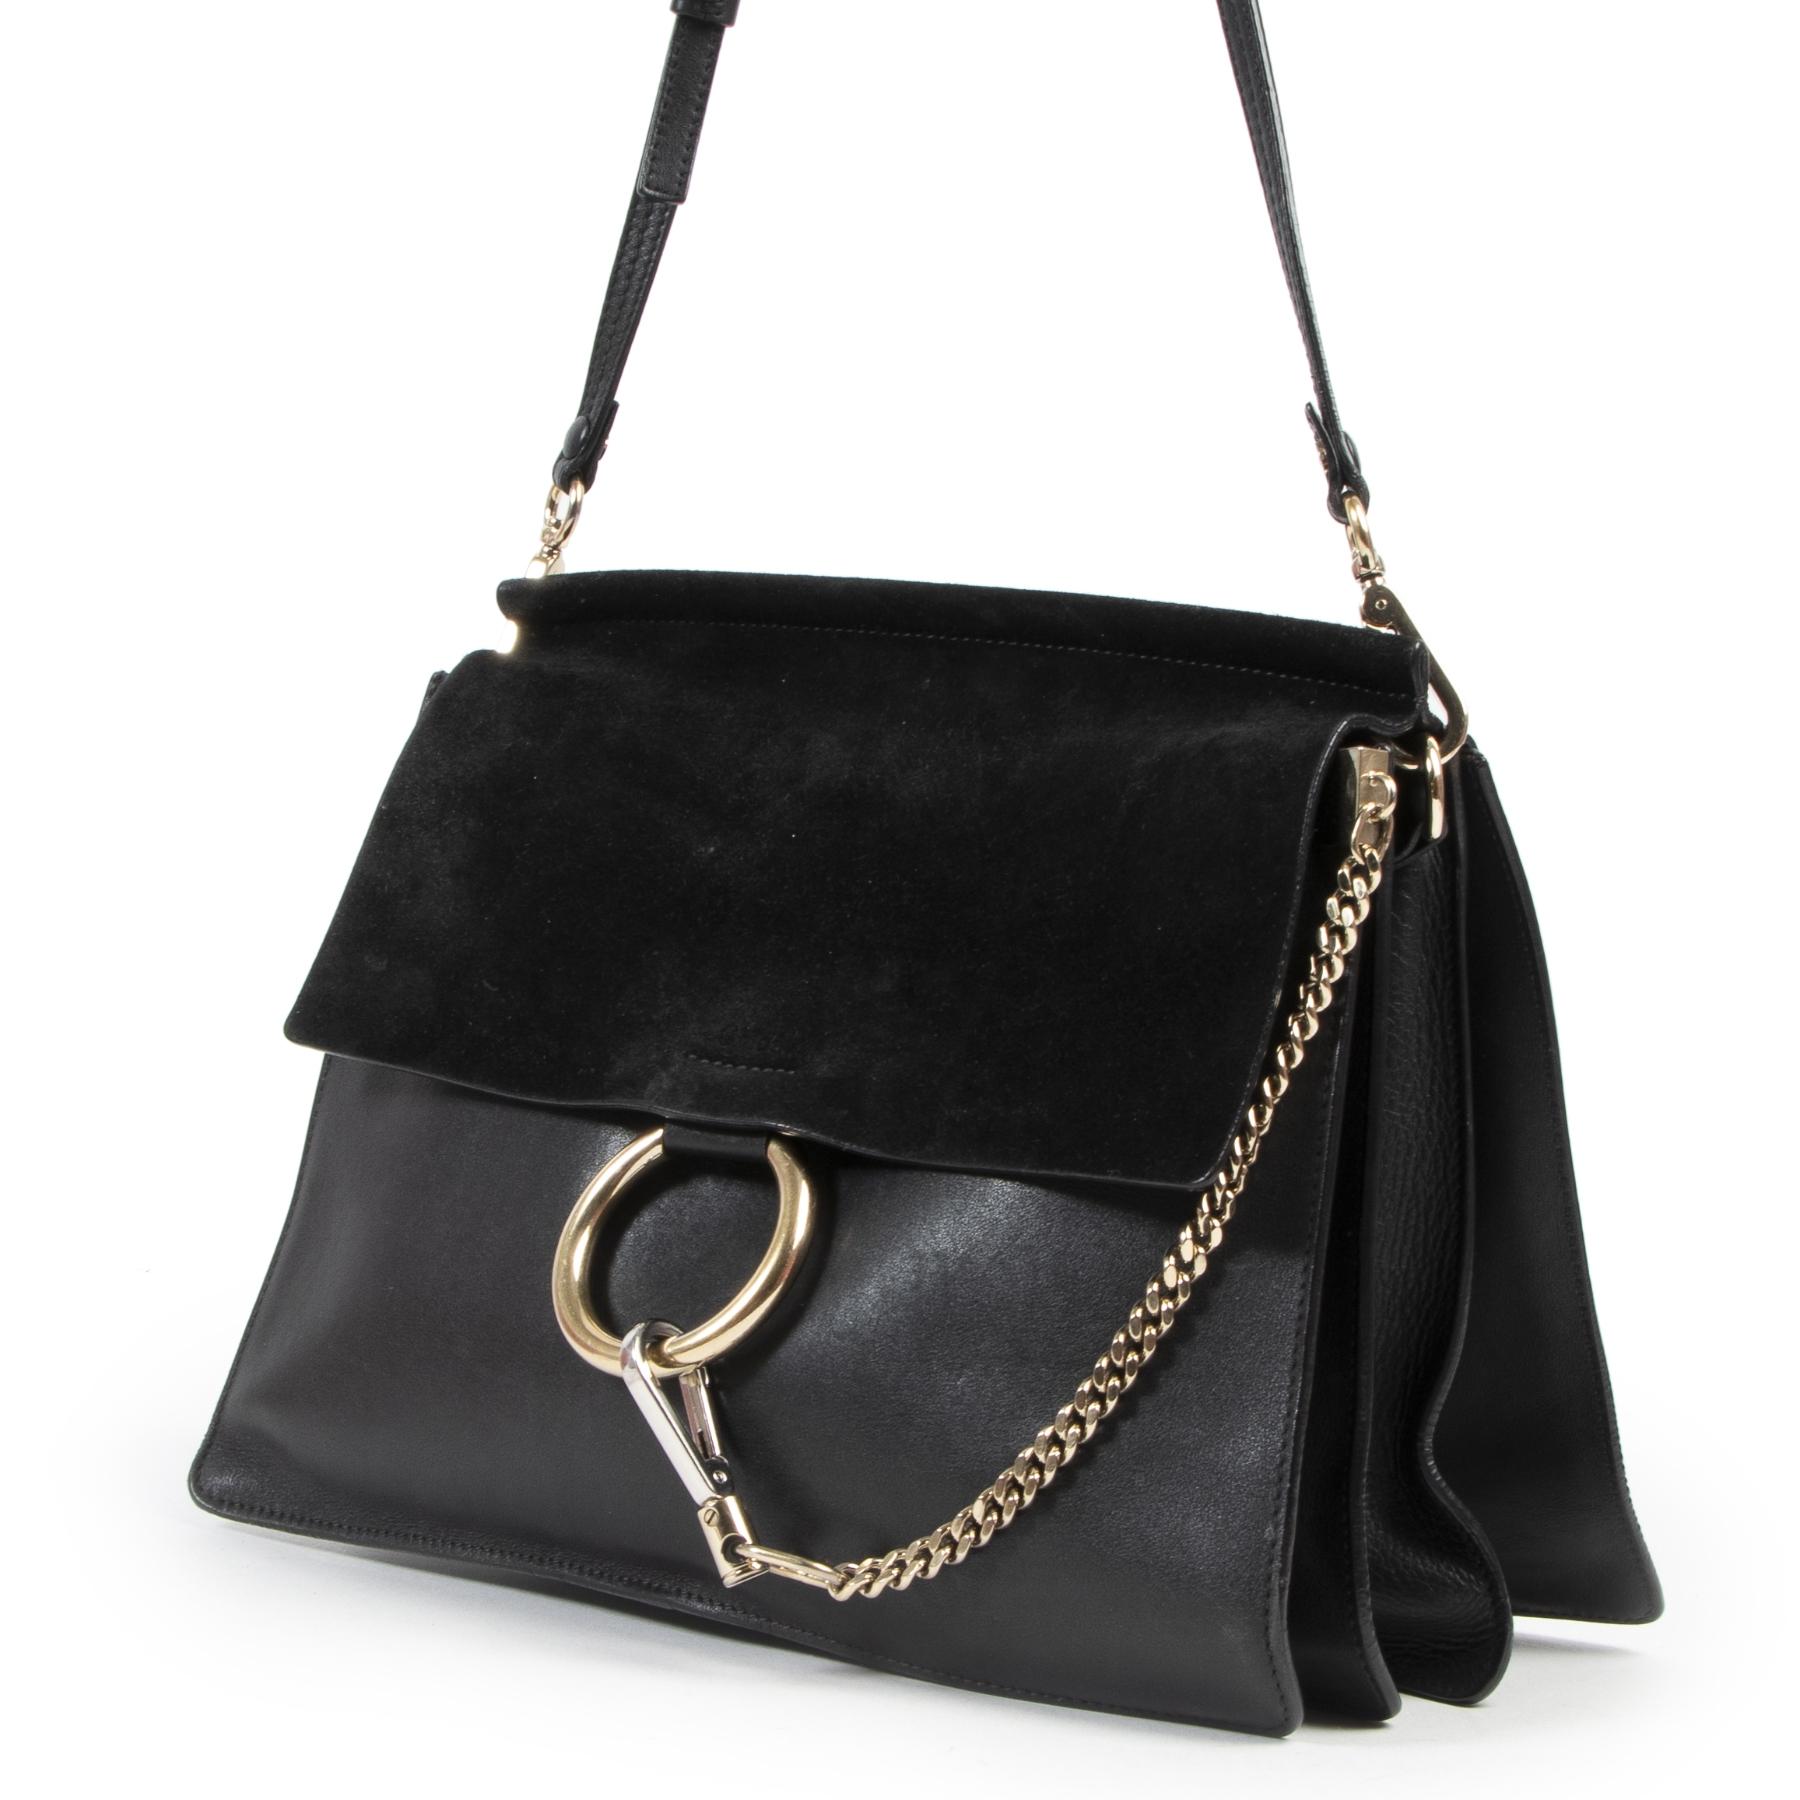 Koop authentieke tweedehands Chloé handtassen met juiste prijs bij LabelLOV.